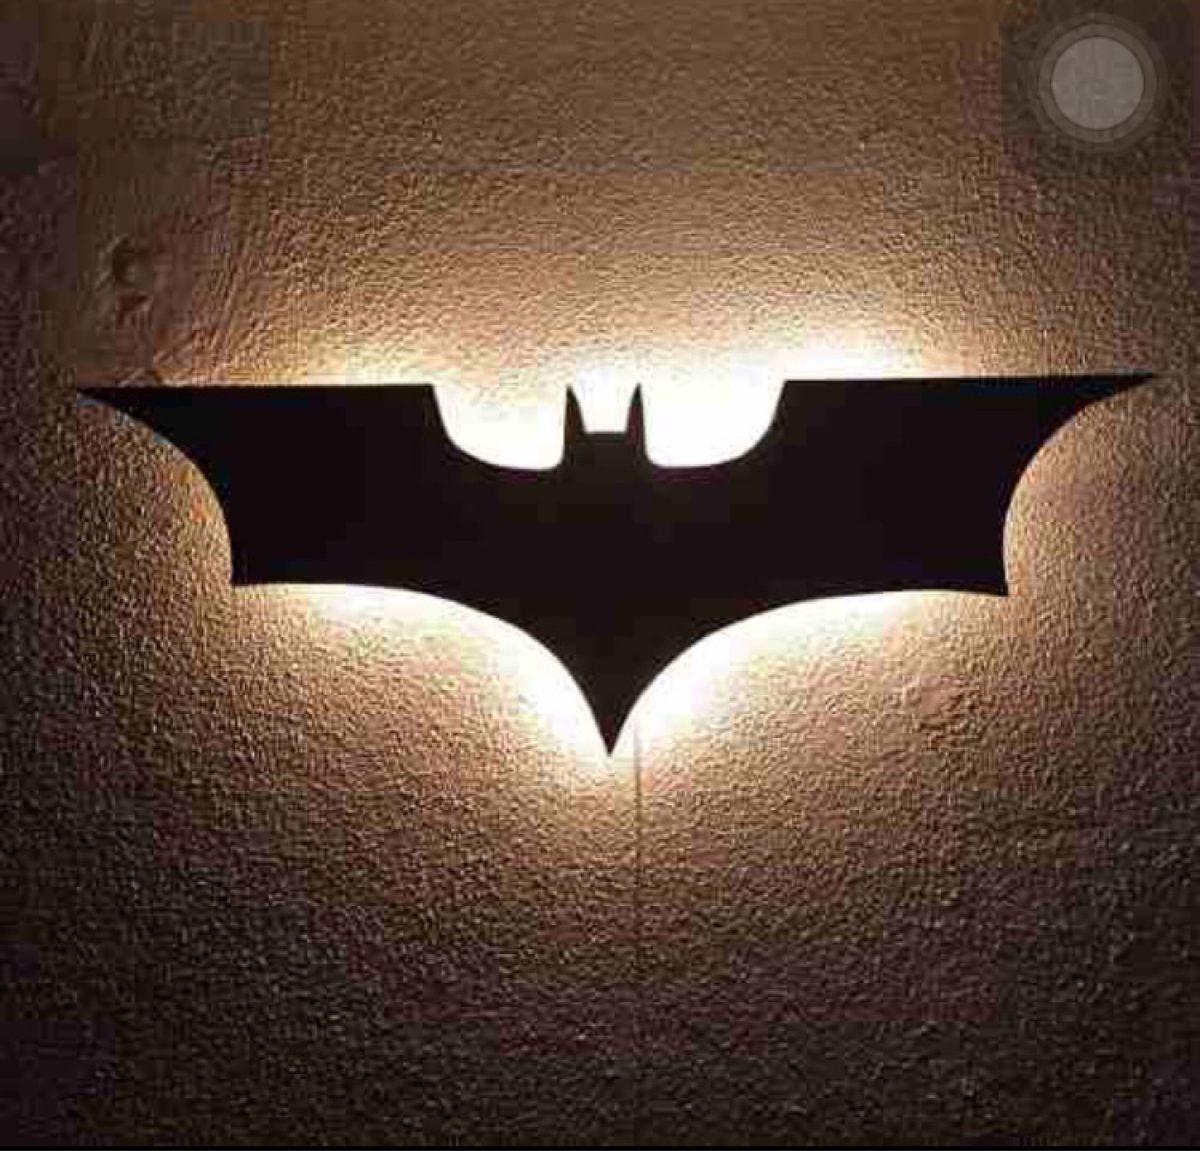 Lampara Decorativa Batman   70000 en Mercado Libre